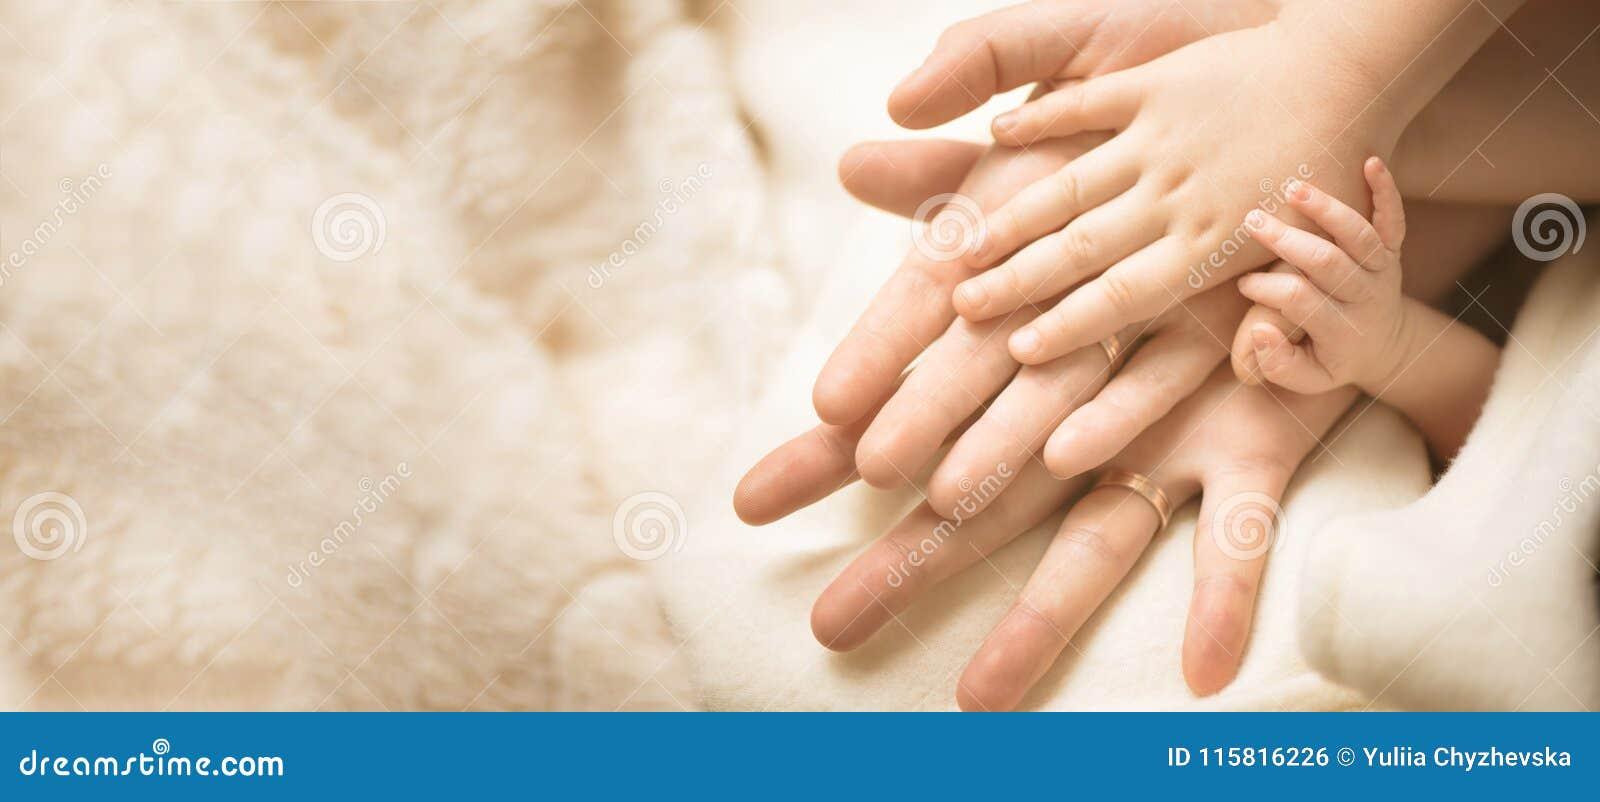 Neugeborenes Kinderhand Nahaufnahme der Schätzchenhand in Muttergesellschafthände Familien-, Mutterschafts- und Geburtskonzept fa